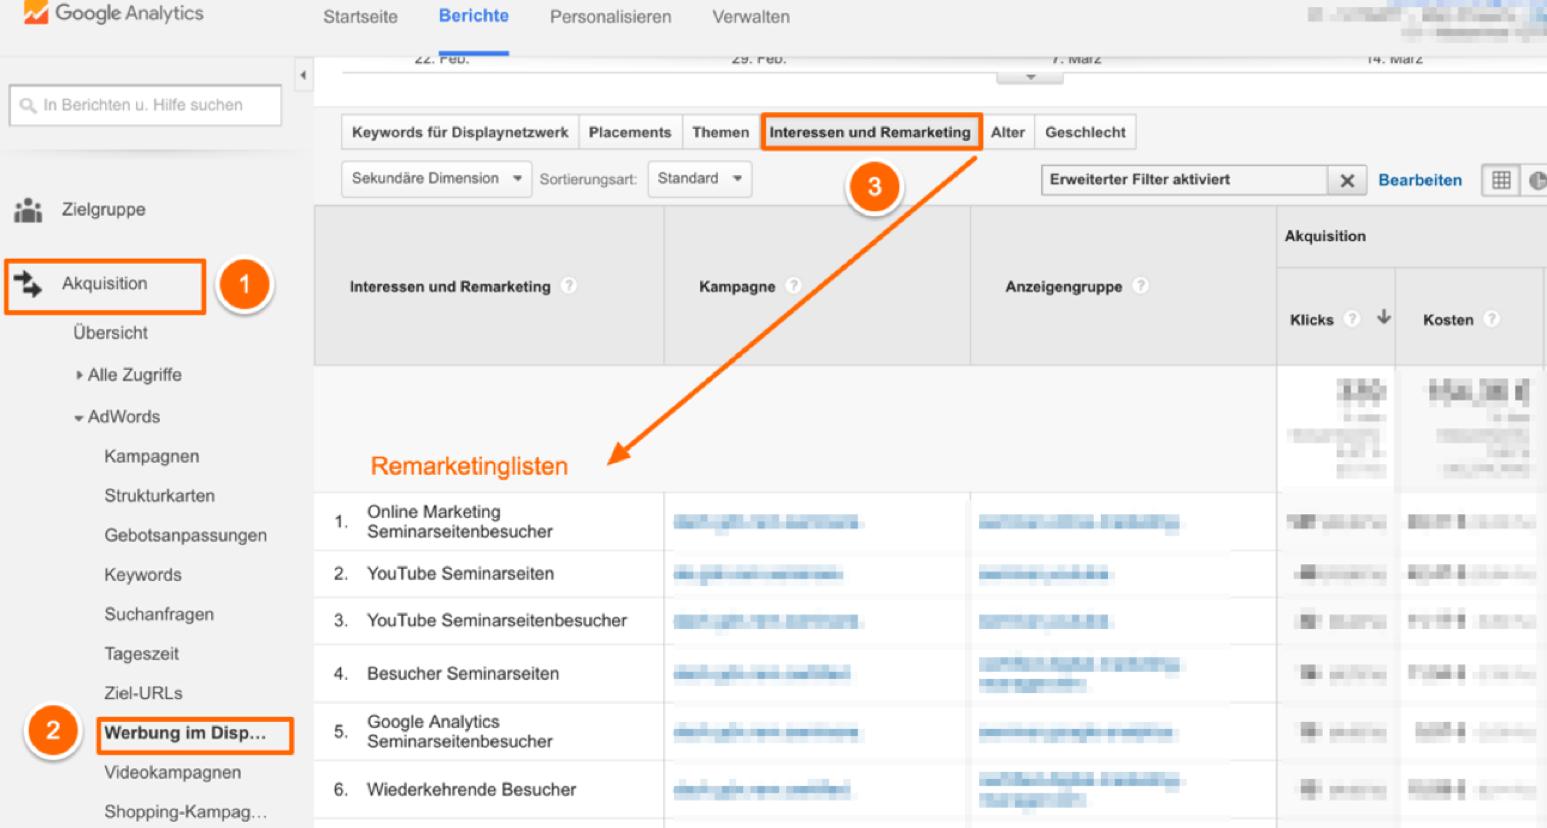 Abbildung 3: Darstellung der Displaynetzwerk-Werbung in Google Analytics